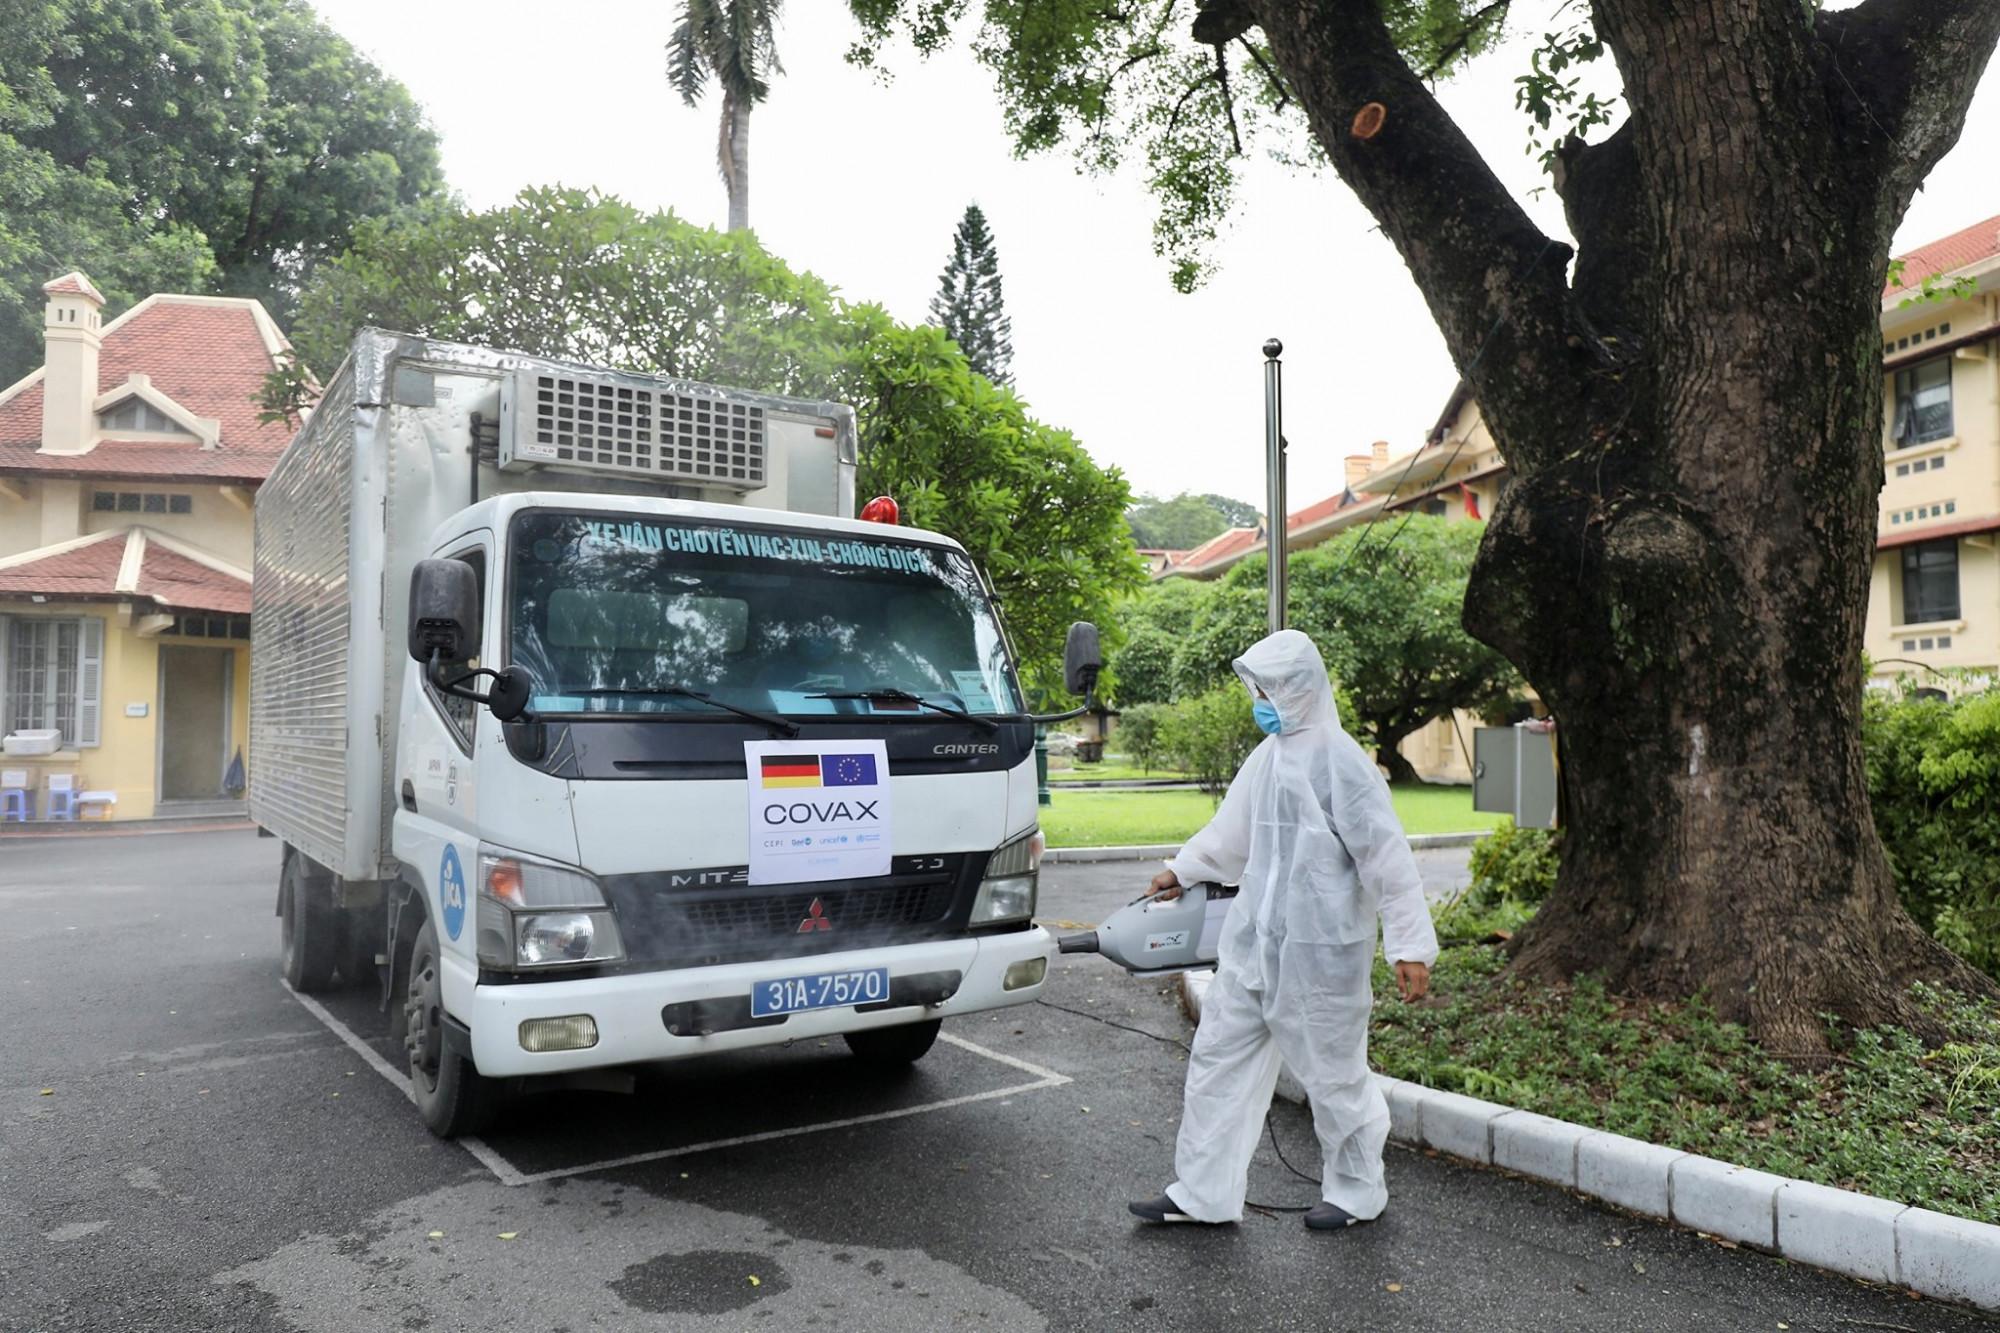 852.480 liều vắc xin AstraZeneca phòng COVID-19 do Chính phủ Đức đóng góp đã về đến Hà Nội và được chuyển đến kho của Viện Vệ sinh dịch tễ Trung Ương.